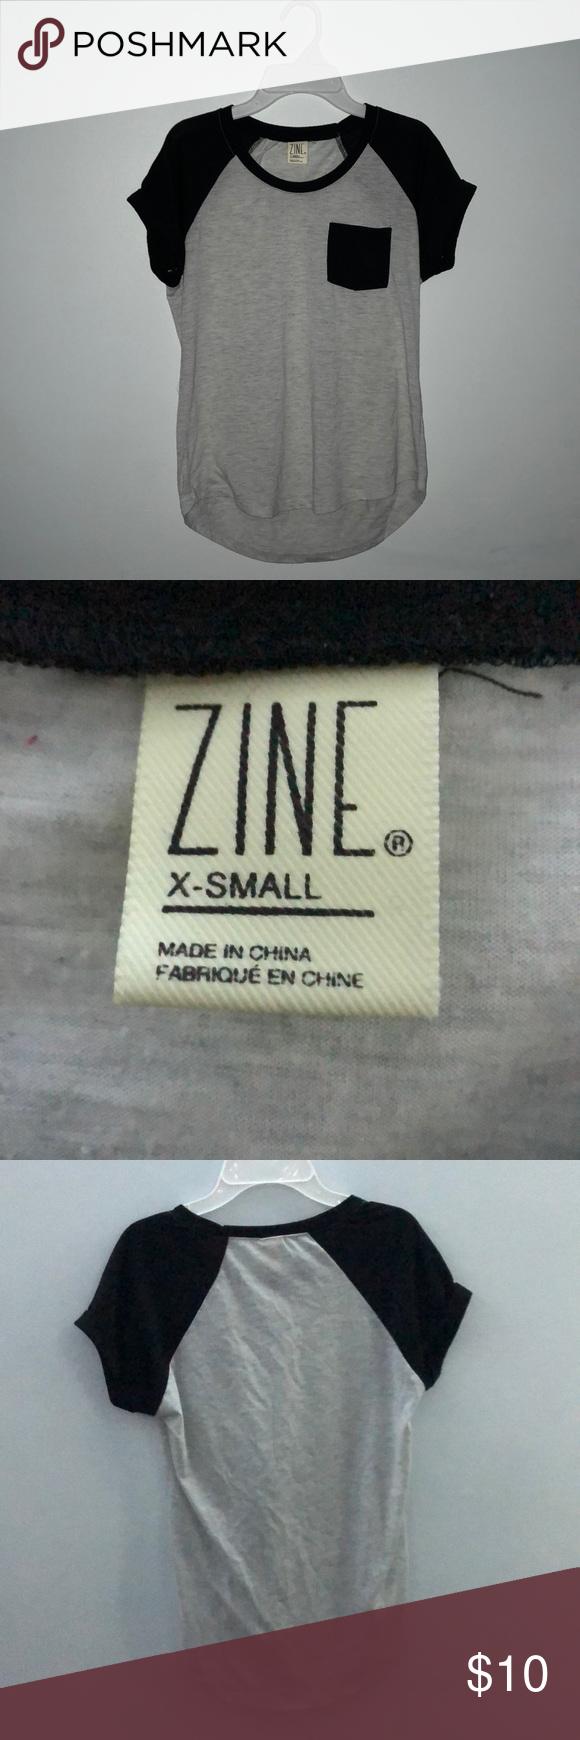 Zumiez baseball tshirt short sleeves shorts and gray